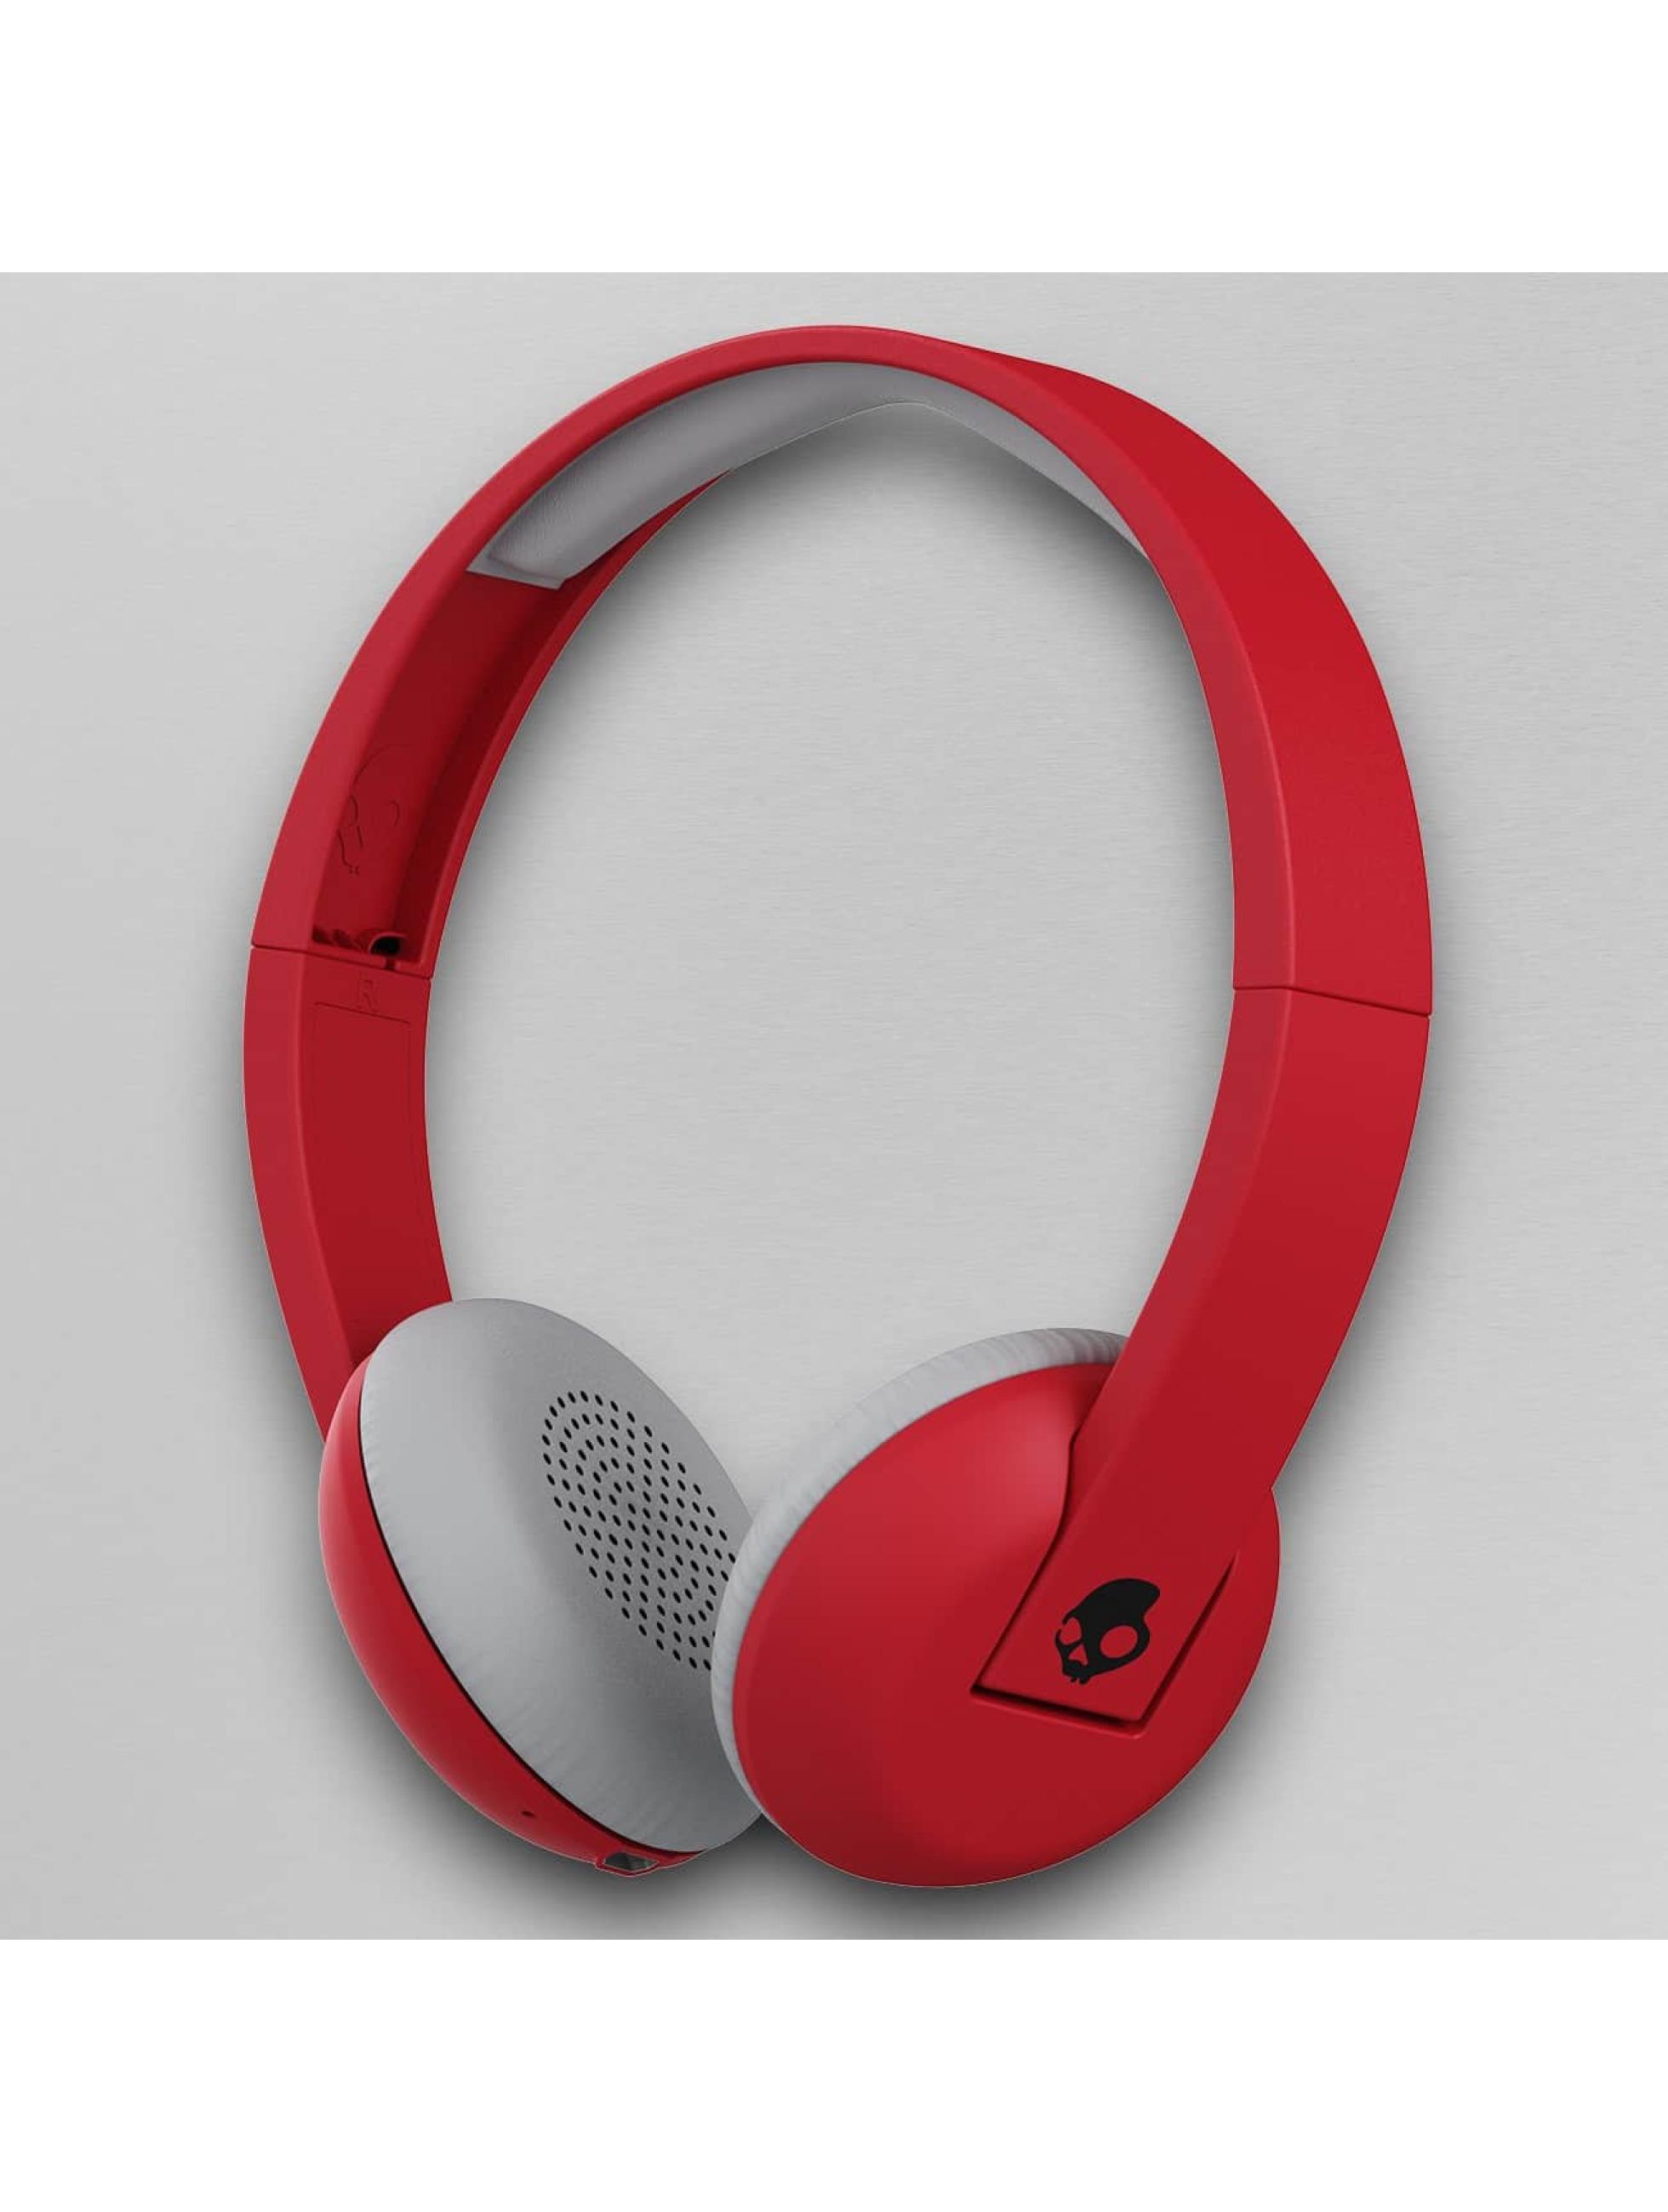 Skullcandy Headphone Uproar Wireless On Ear red